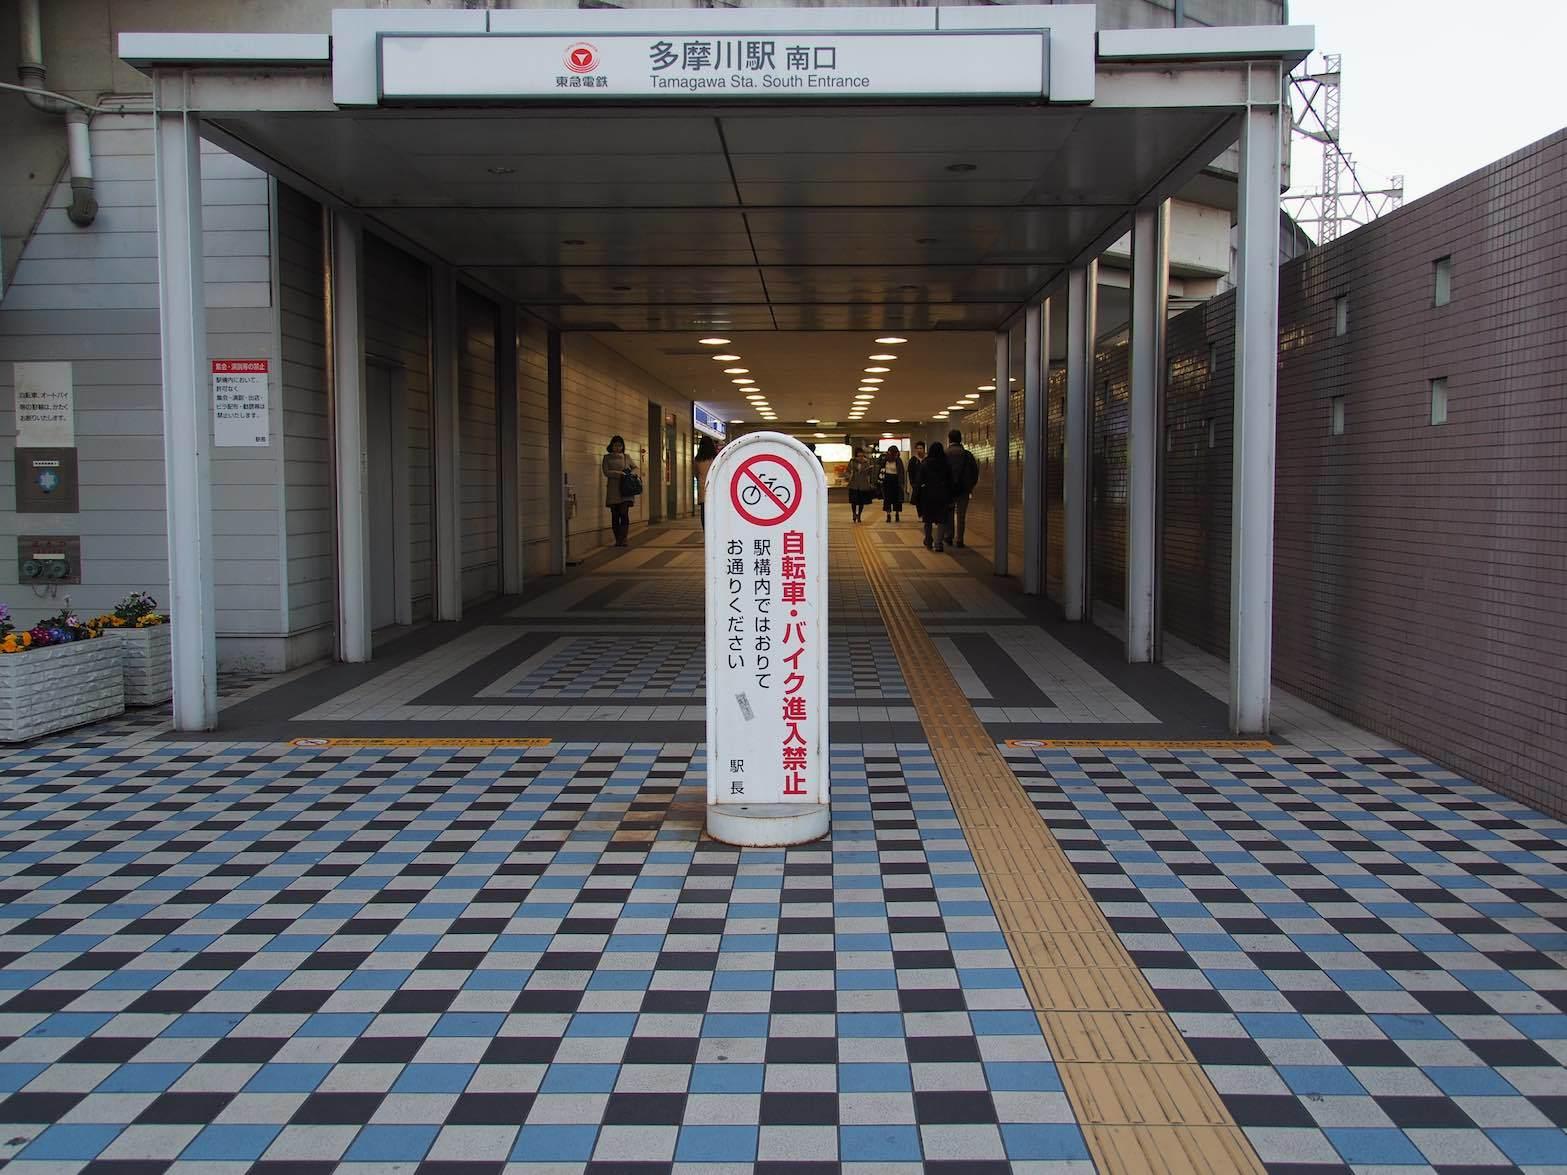 東急多摩川駅周辺13_b0360240_23512554.jpg